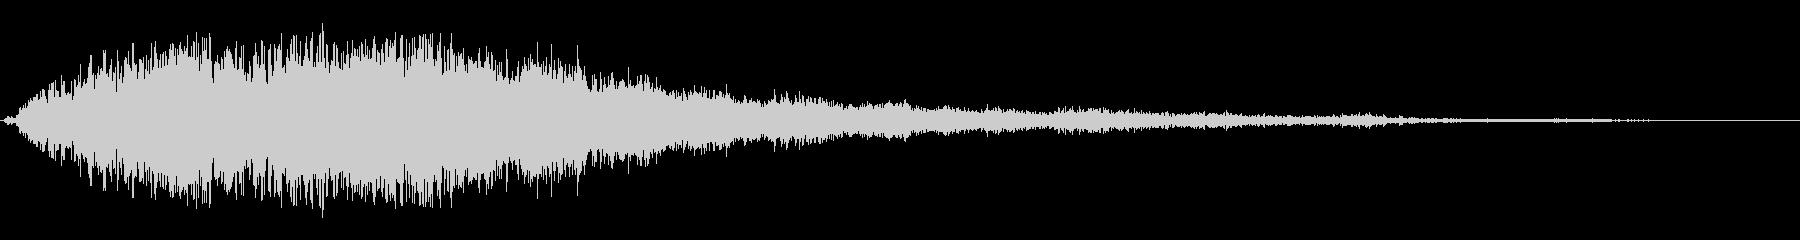 ギューン(飛行機の発進)の未再生の波形